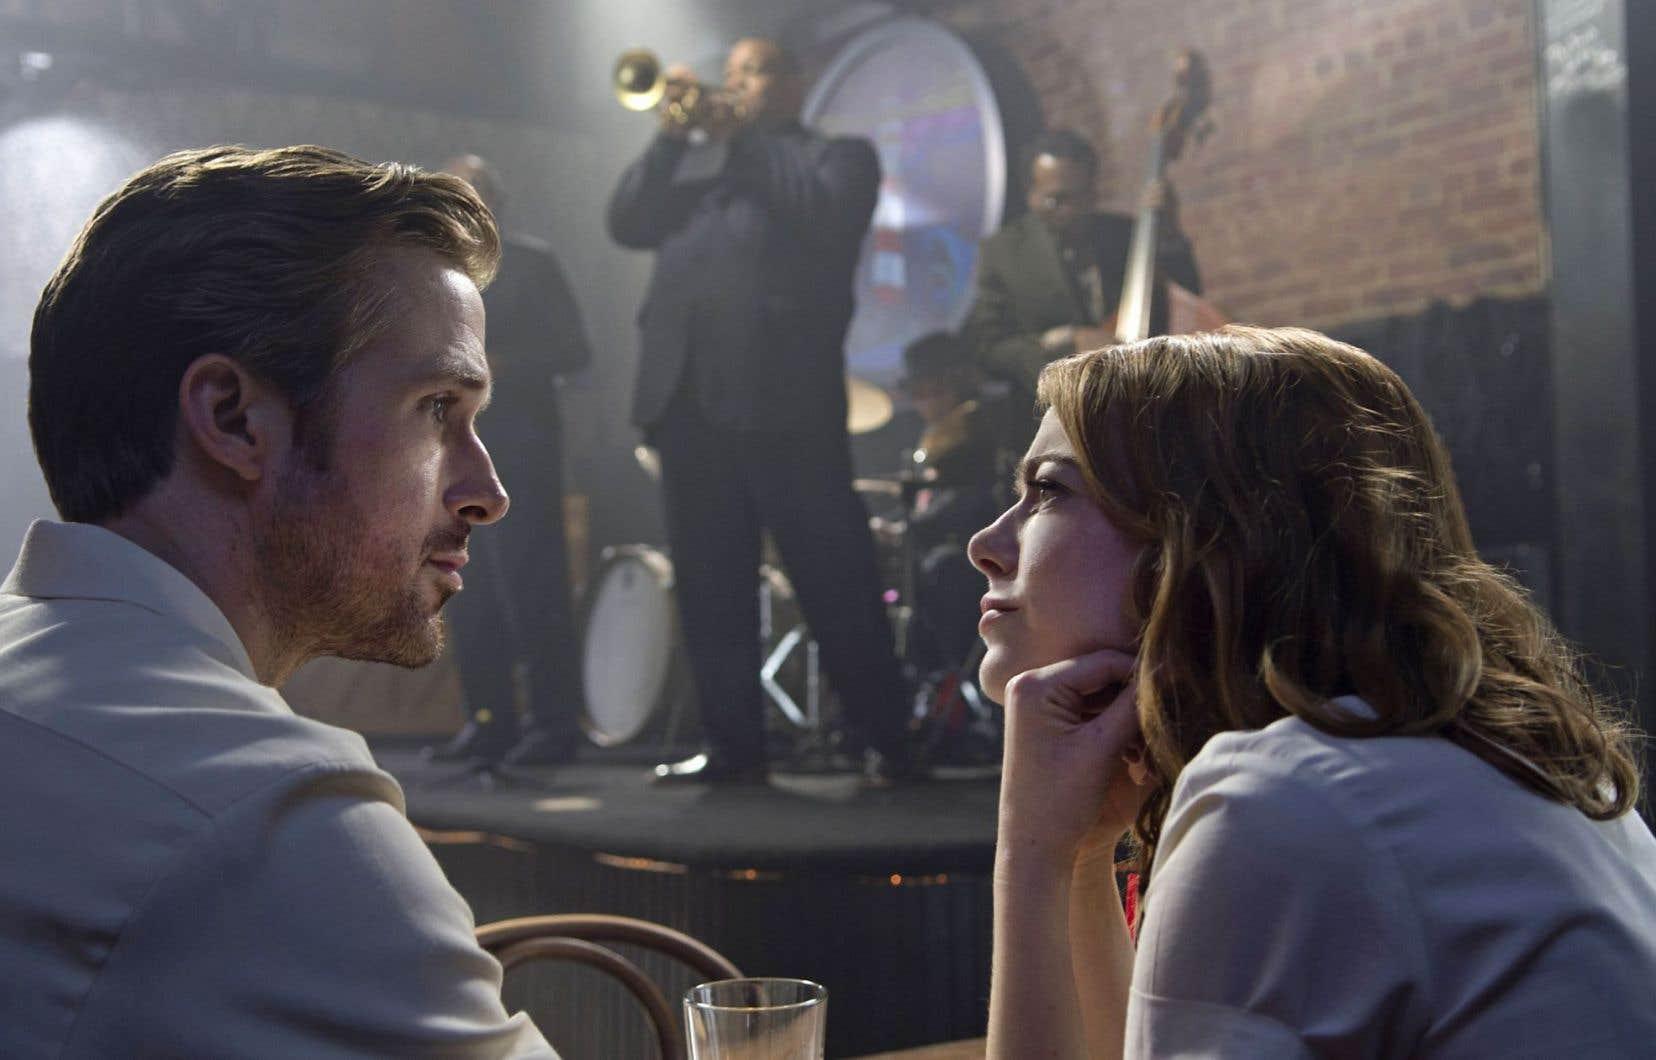 Sebastian (Ryan Gosling) et Mia (Emma Stone), dans «La La Land», jouent avec l'amour et ses fausses notes, sur fond de rendez-vous manqué et de jazz improvisé. Les mots ne suffisent pas toujours…